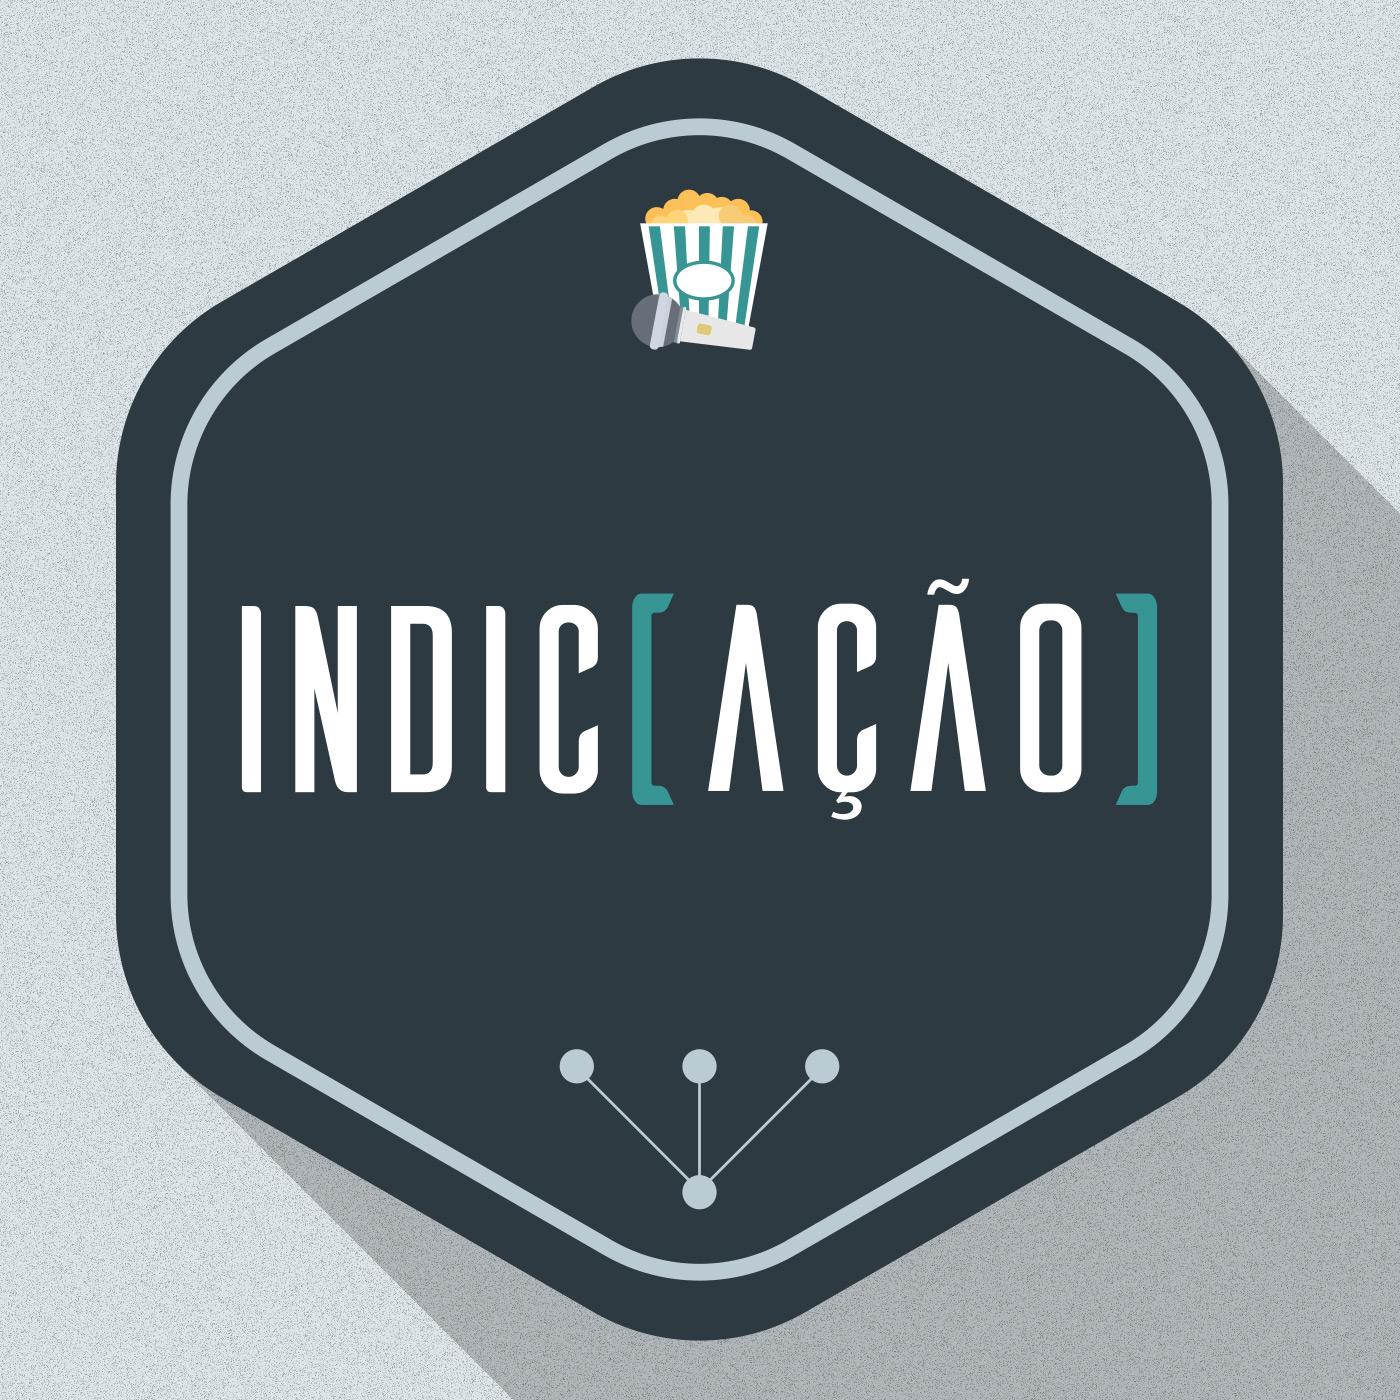 Indic(ação)